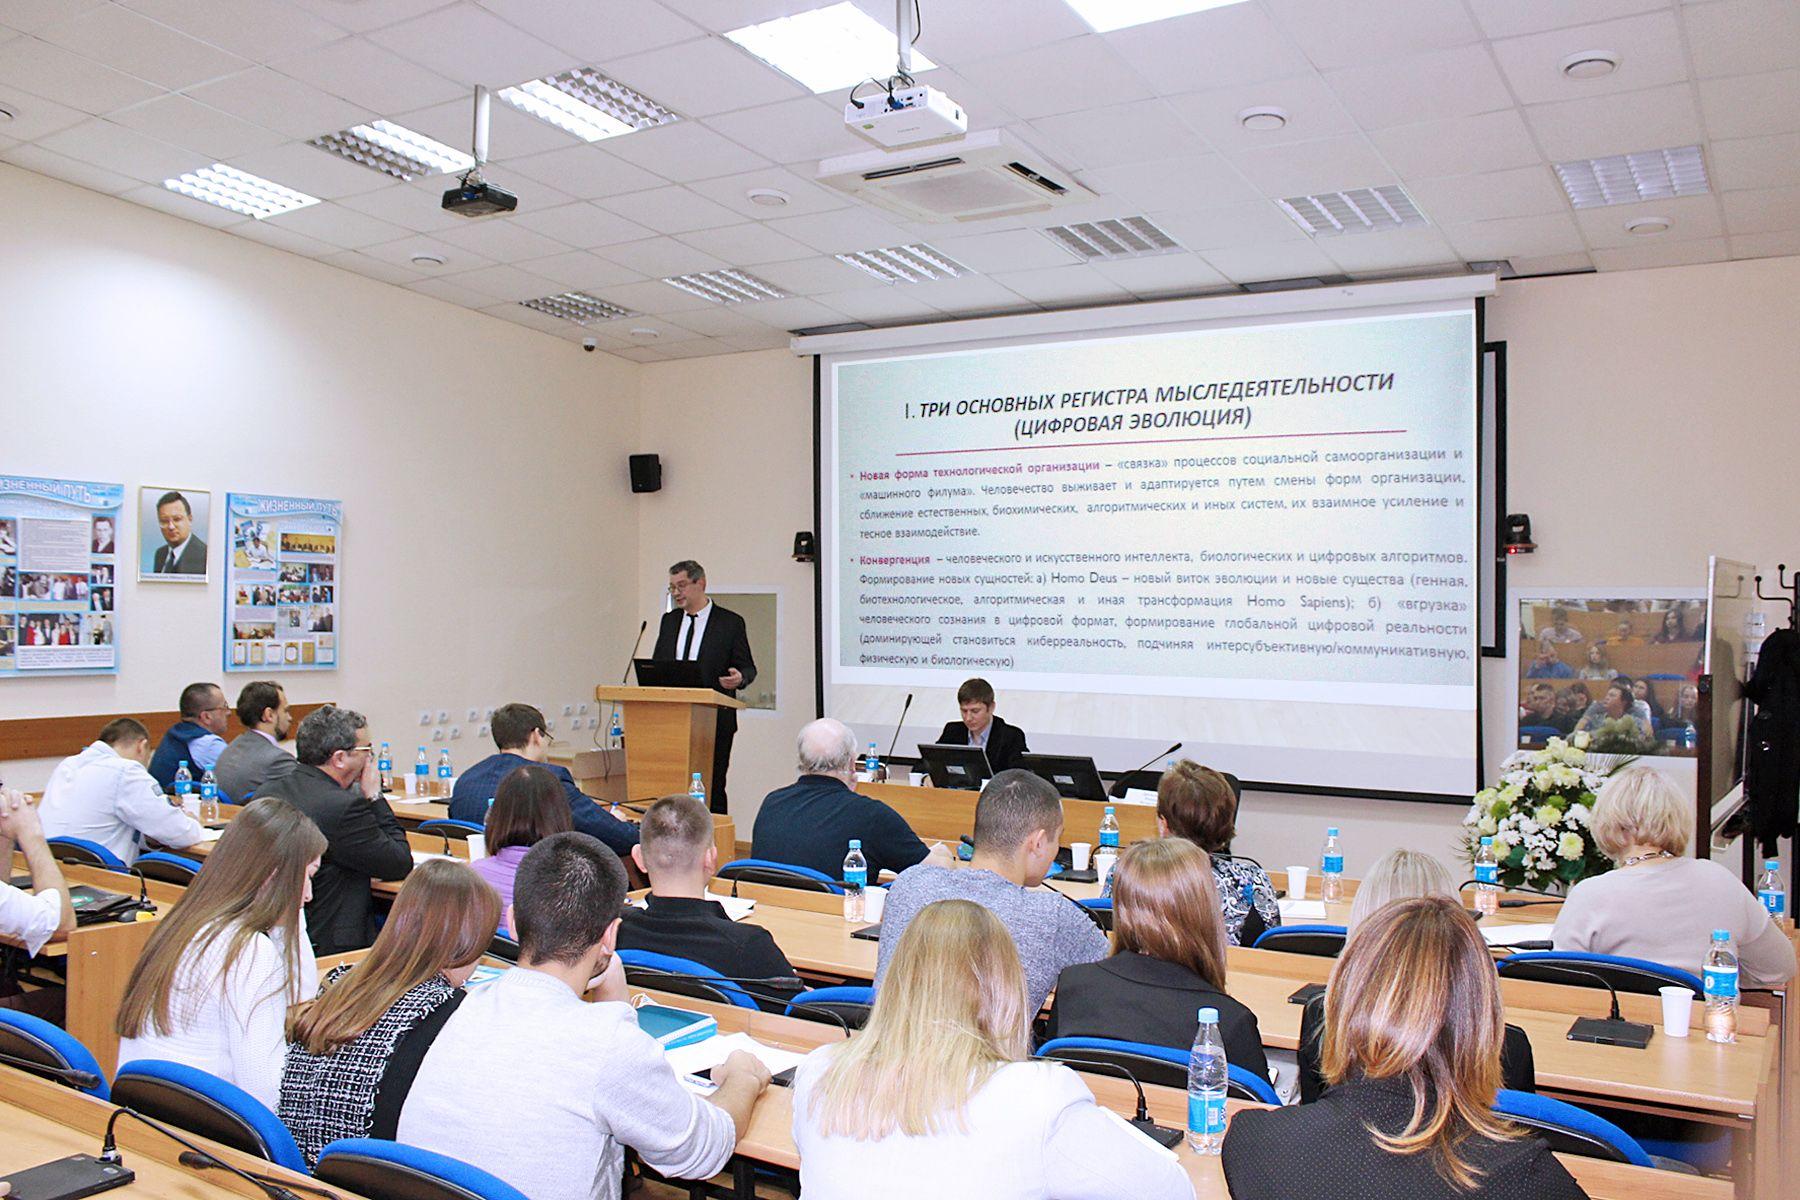 Ректор ВГУЭС Татьяна Терентьева открыла международный форум «Роботы заявляют о своих правах»